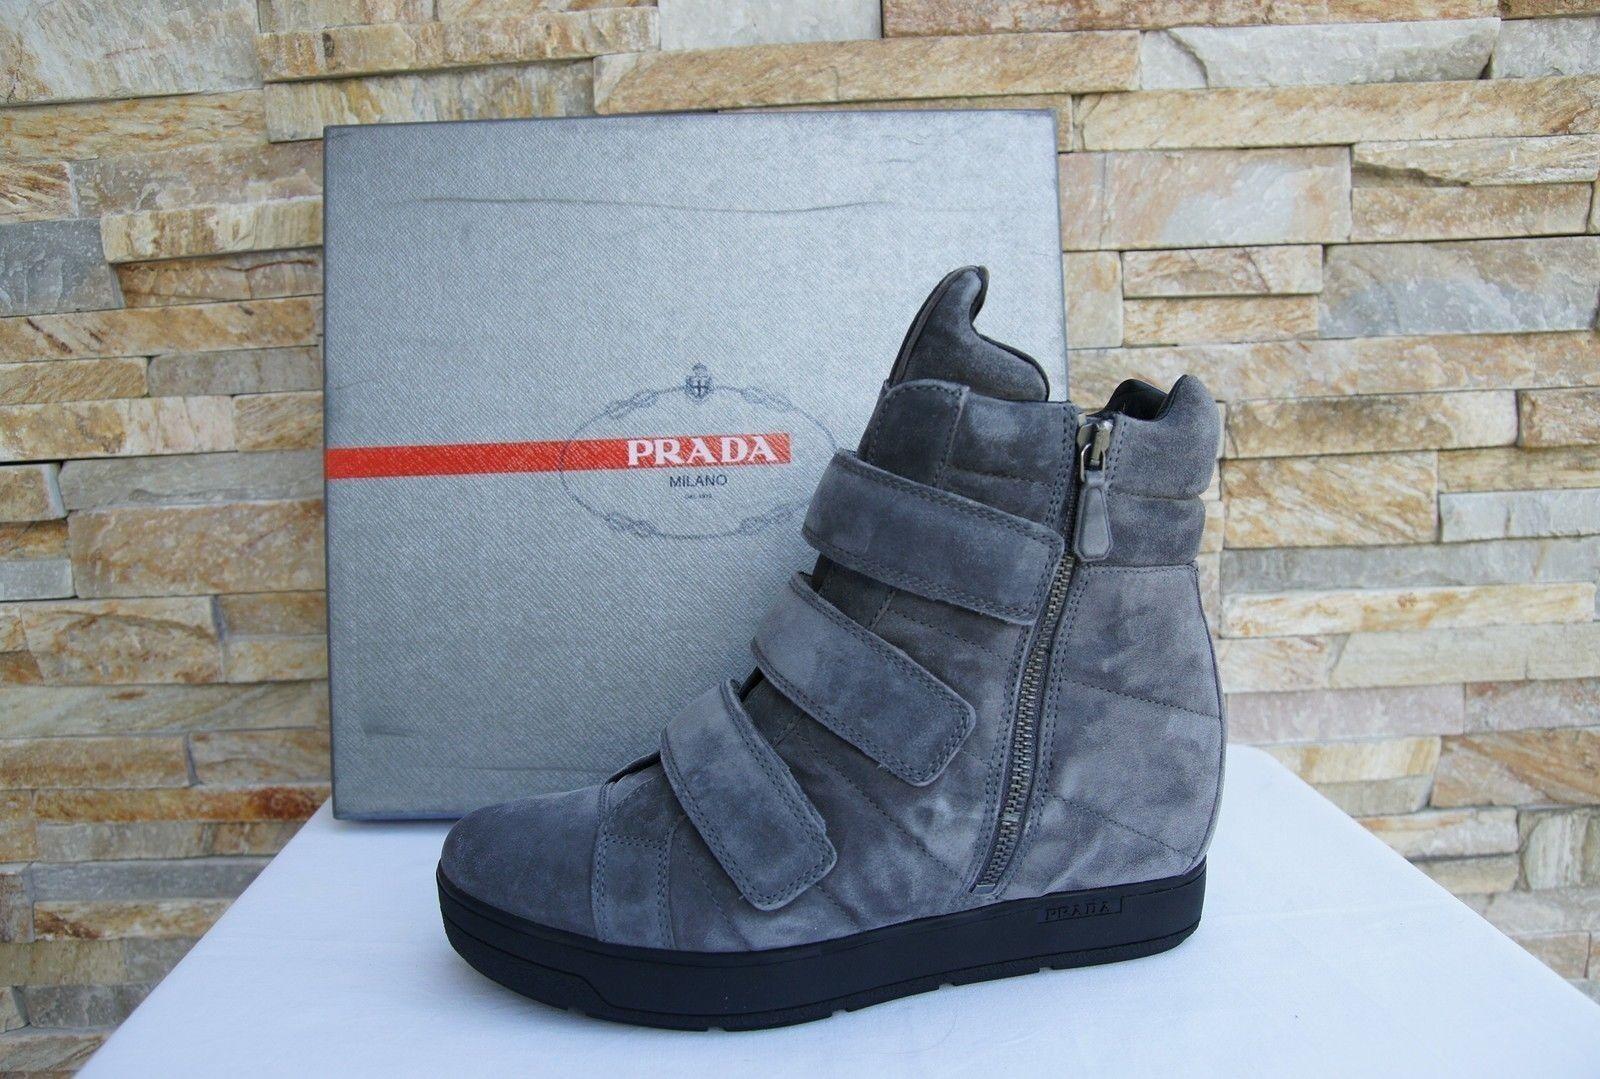 PRADA Gr Gr Gr 37 Stiefeletten Stiefelies Schuhe 3TZ035 Leder grau kies neu ehem edb9ce